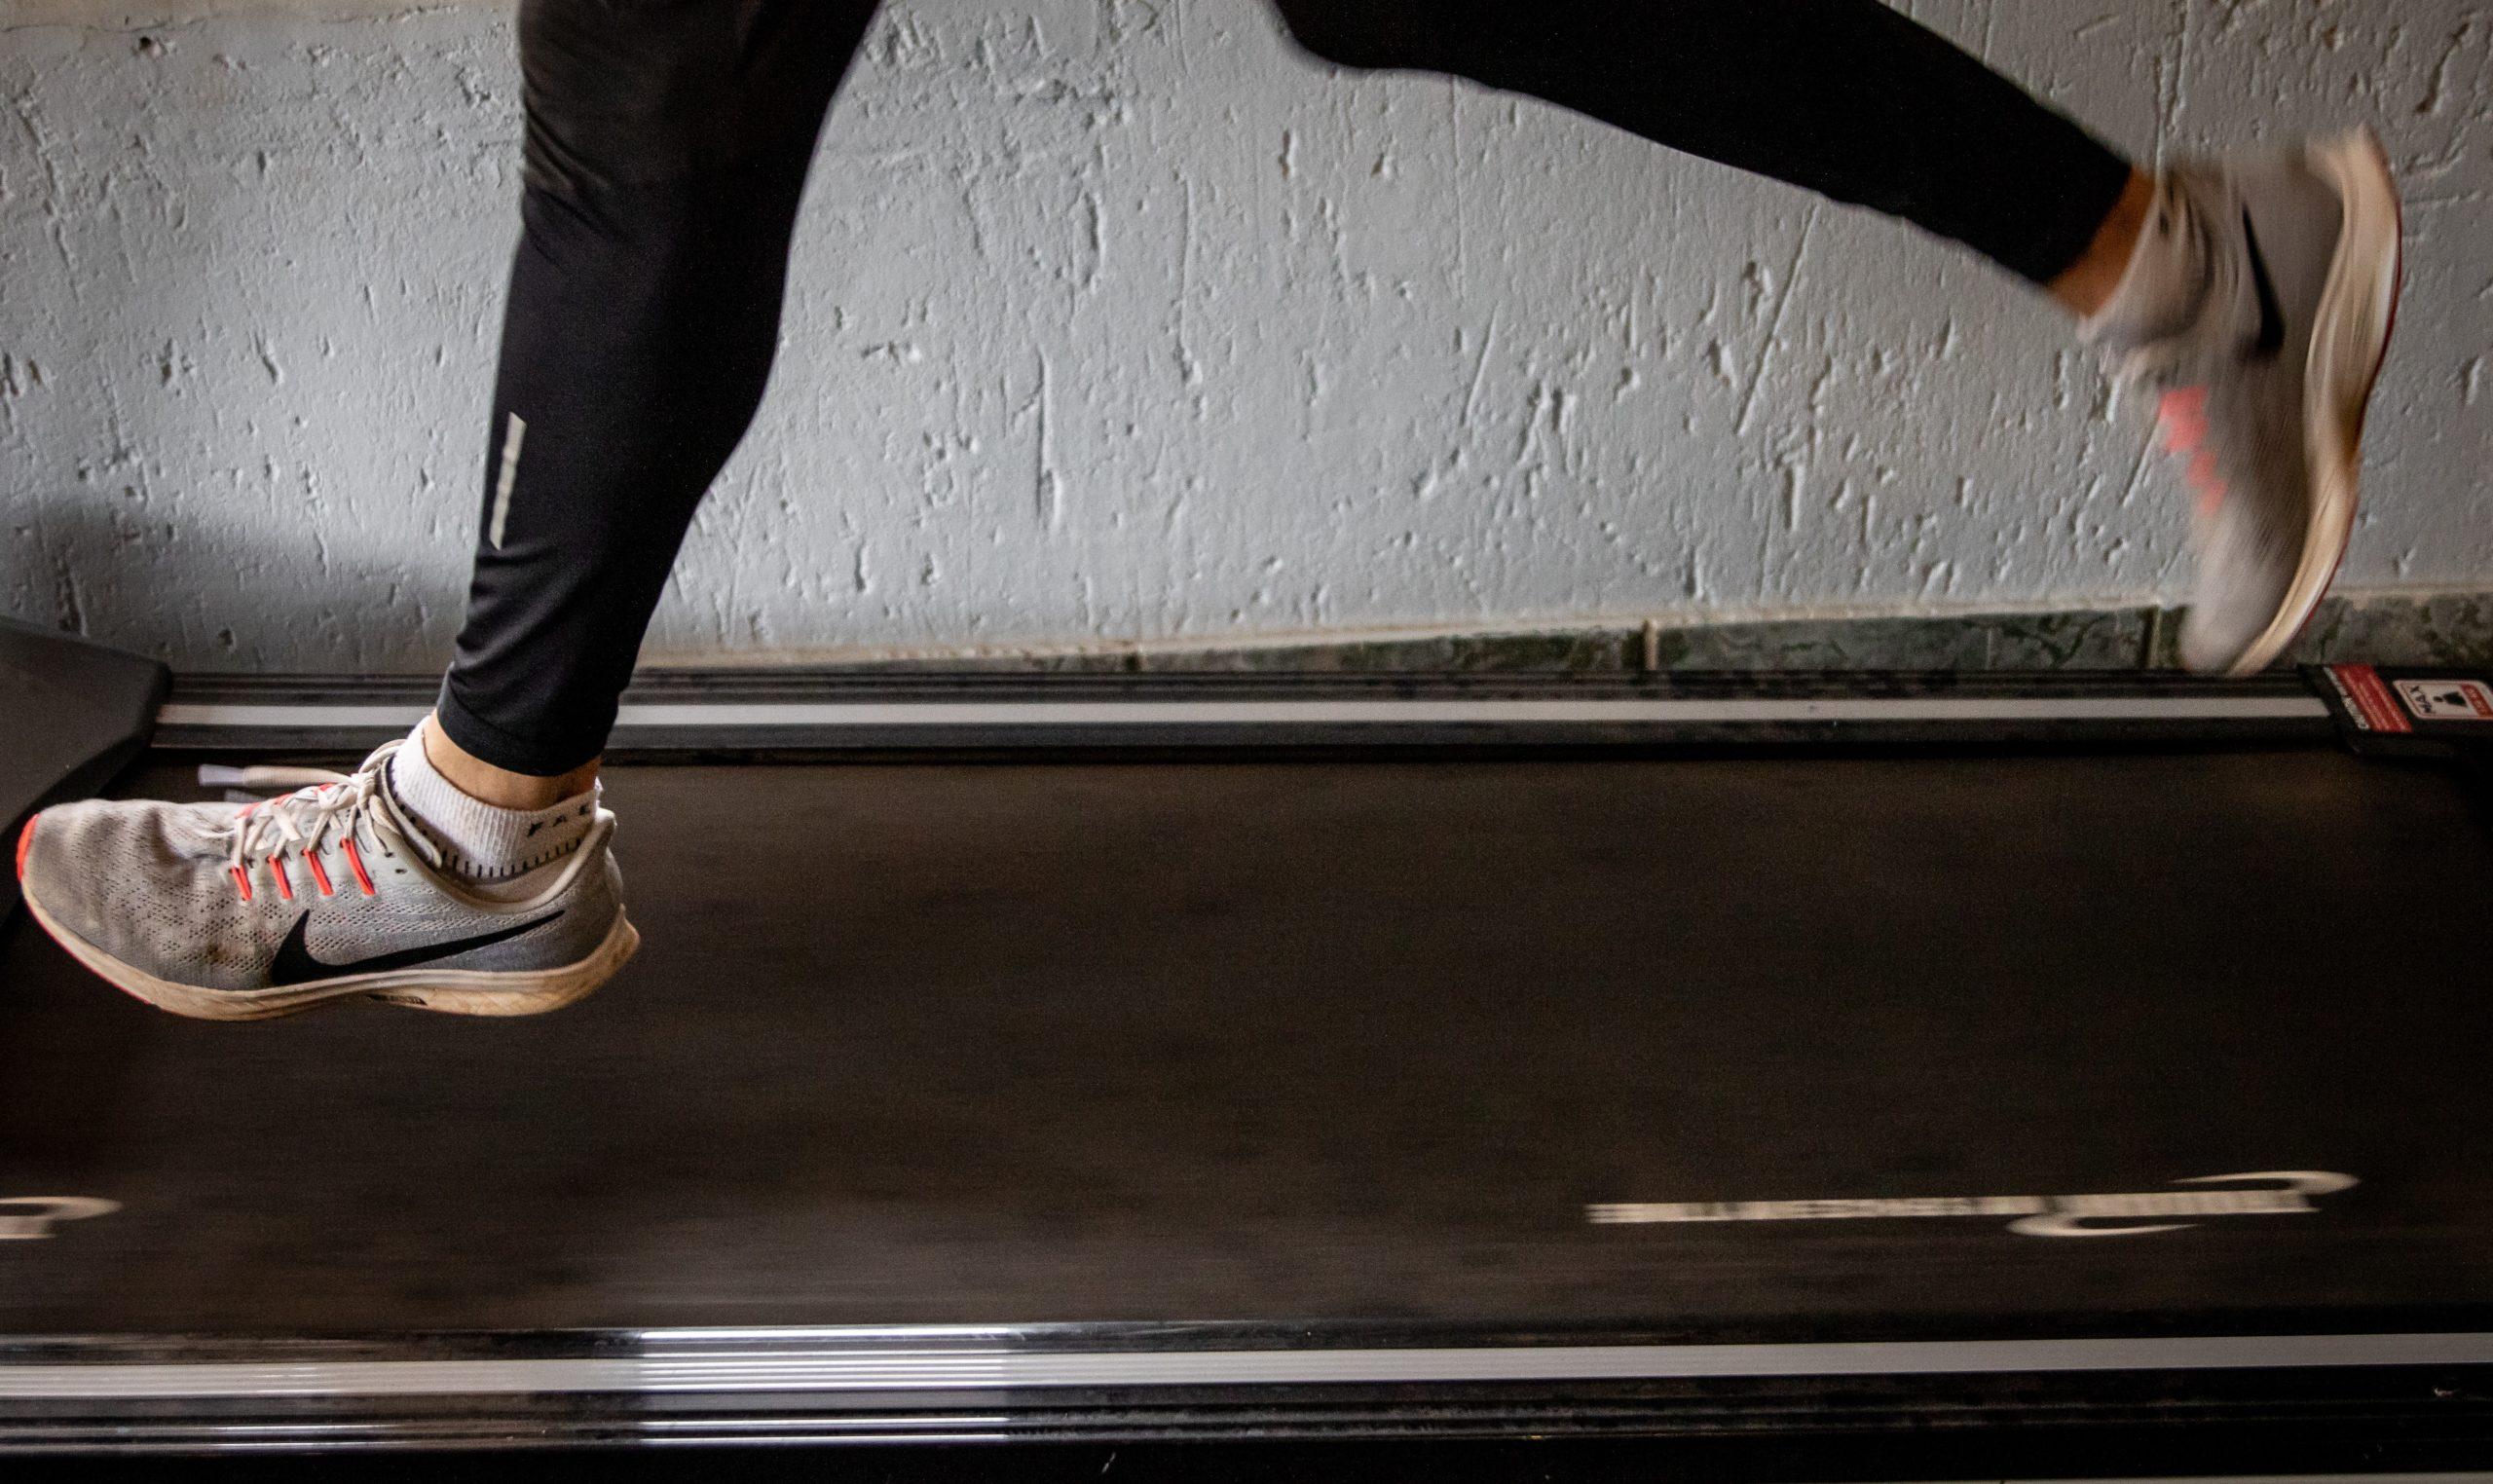 5 Best Treadmills for Seniors: Our Top Picks